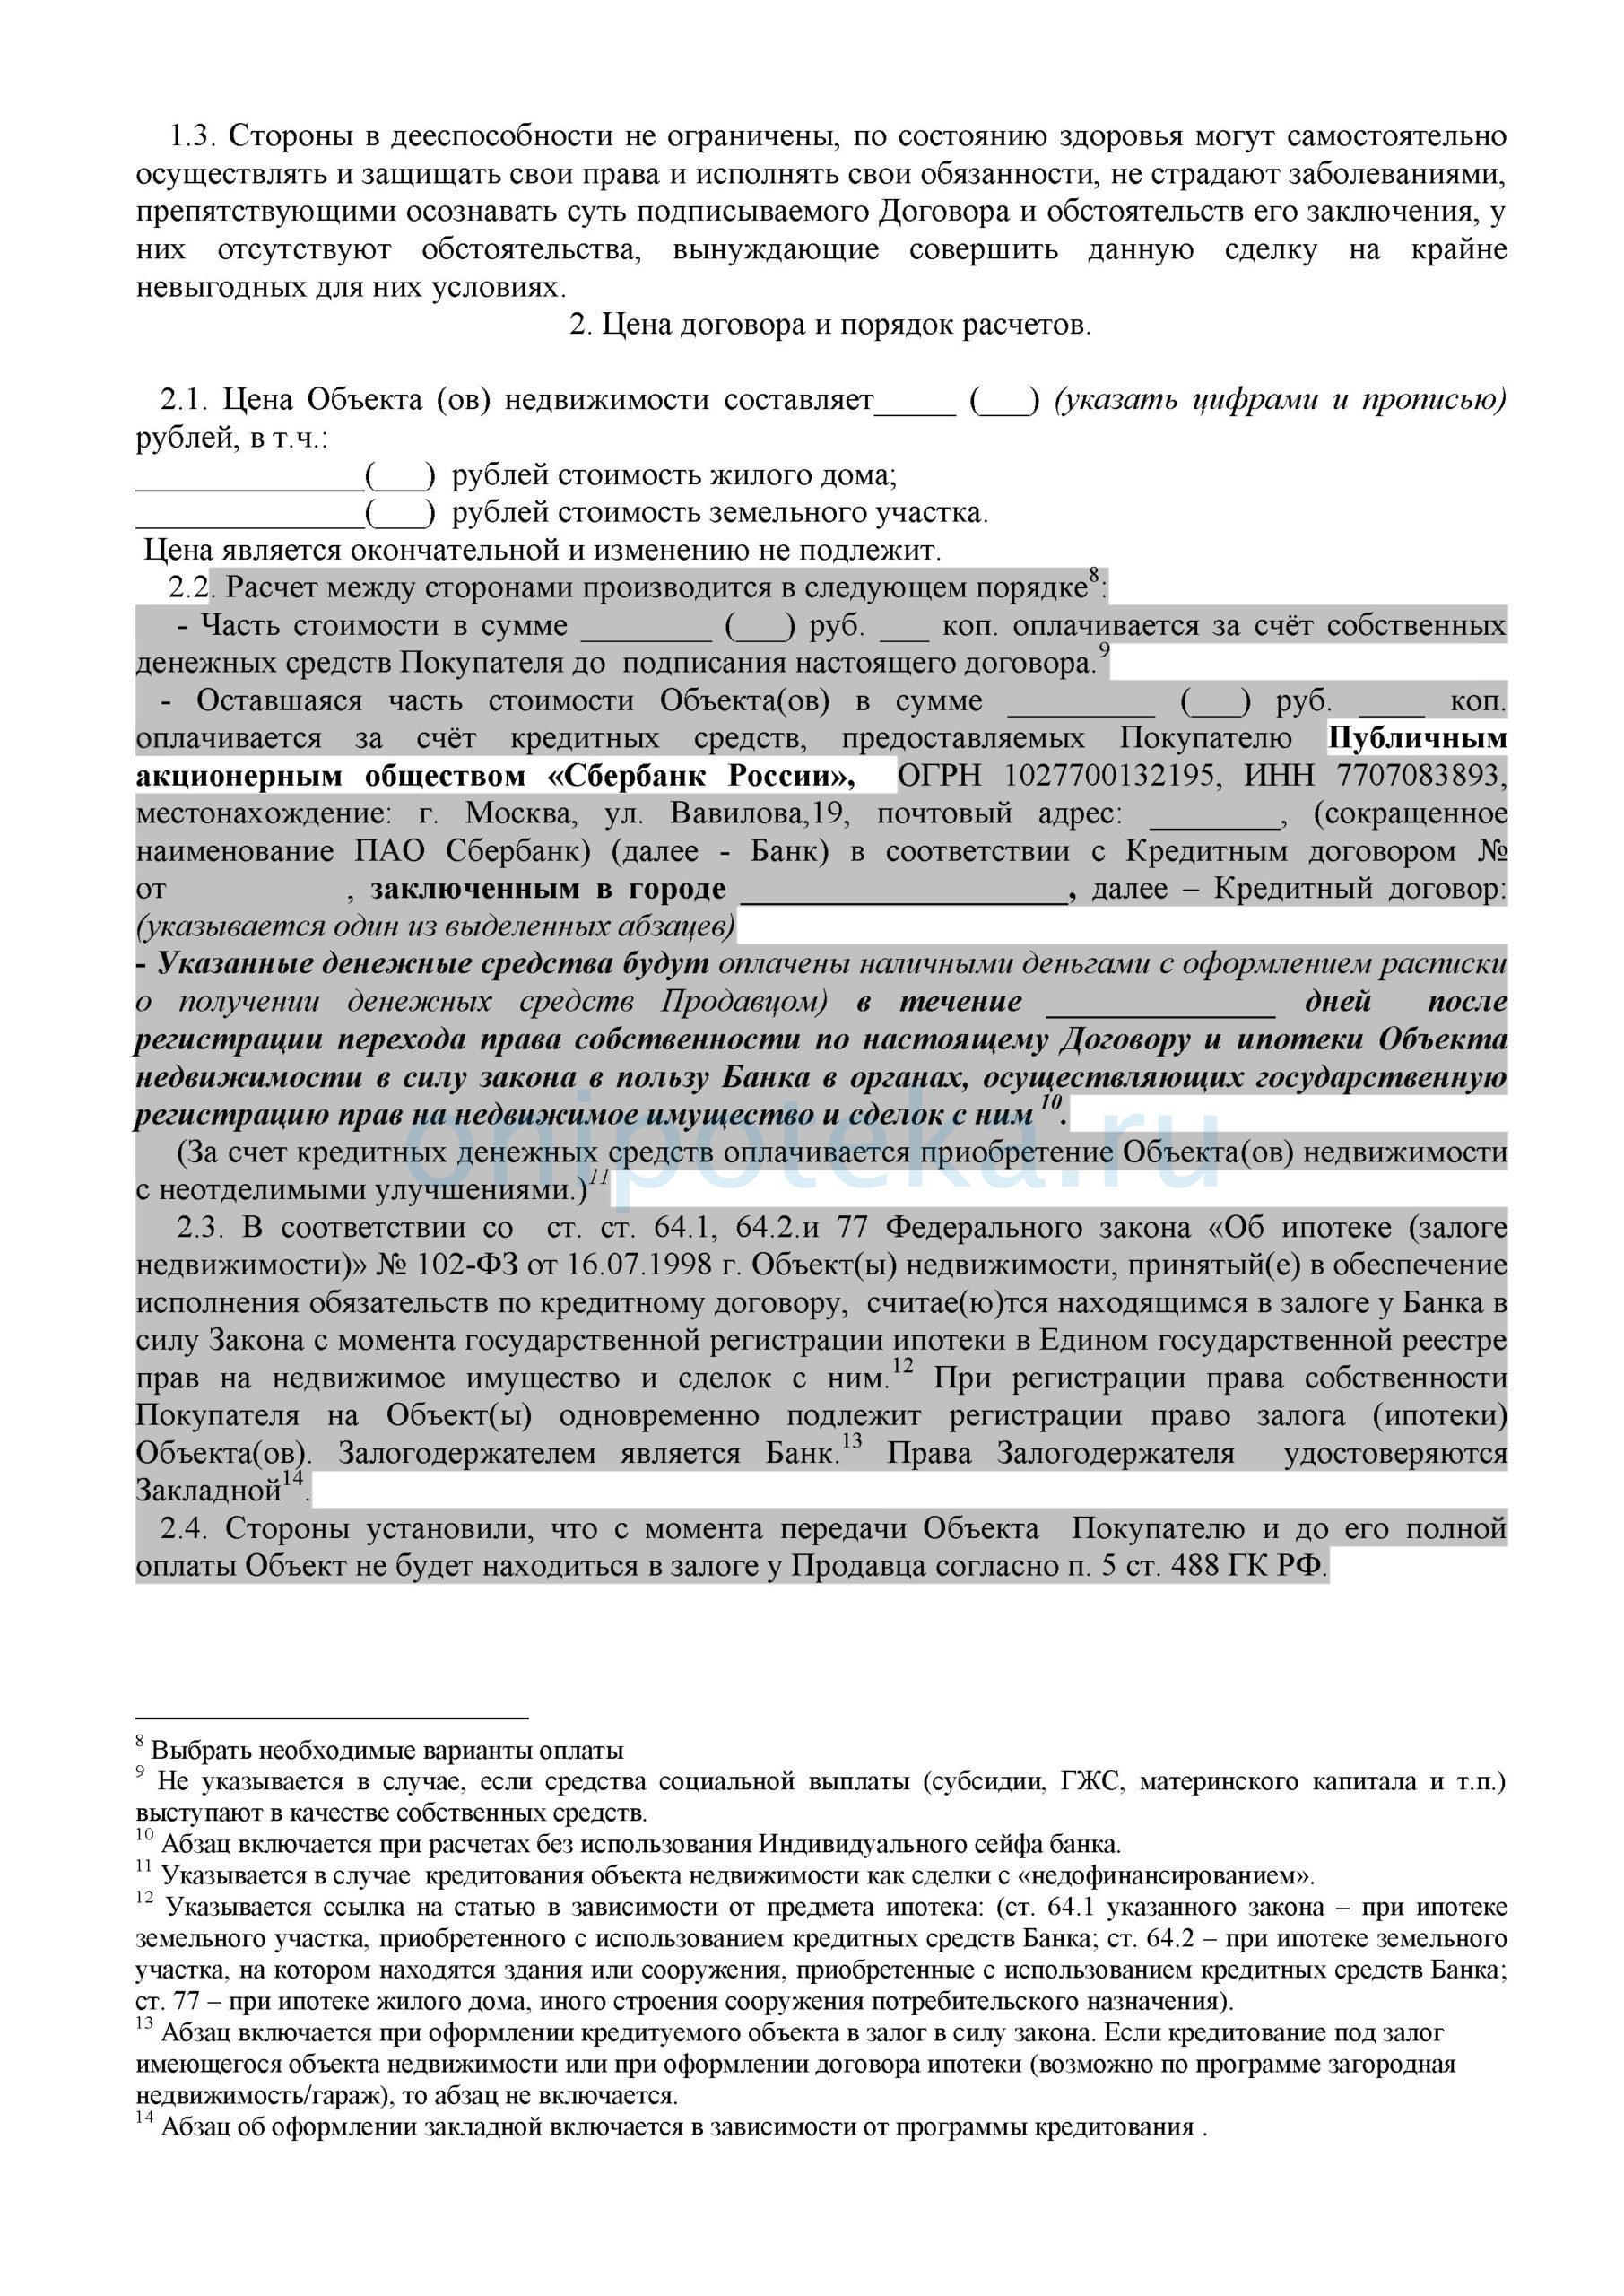 Проект договора купли-продажи дачи в ипотеку Сбербанка -1